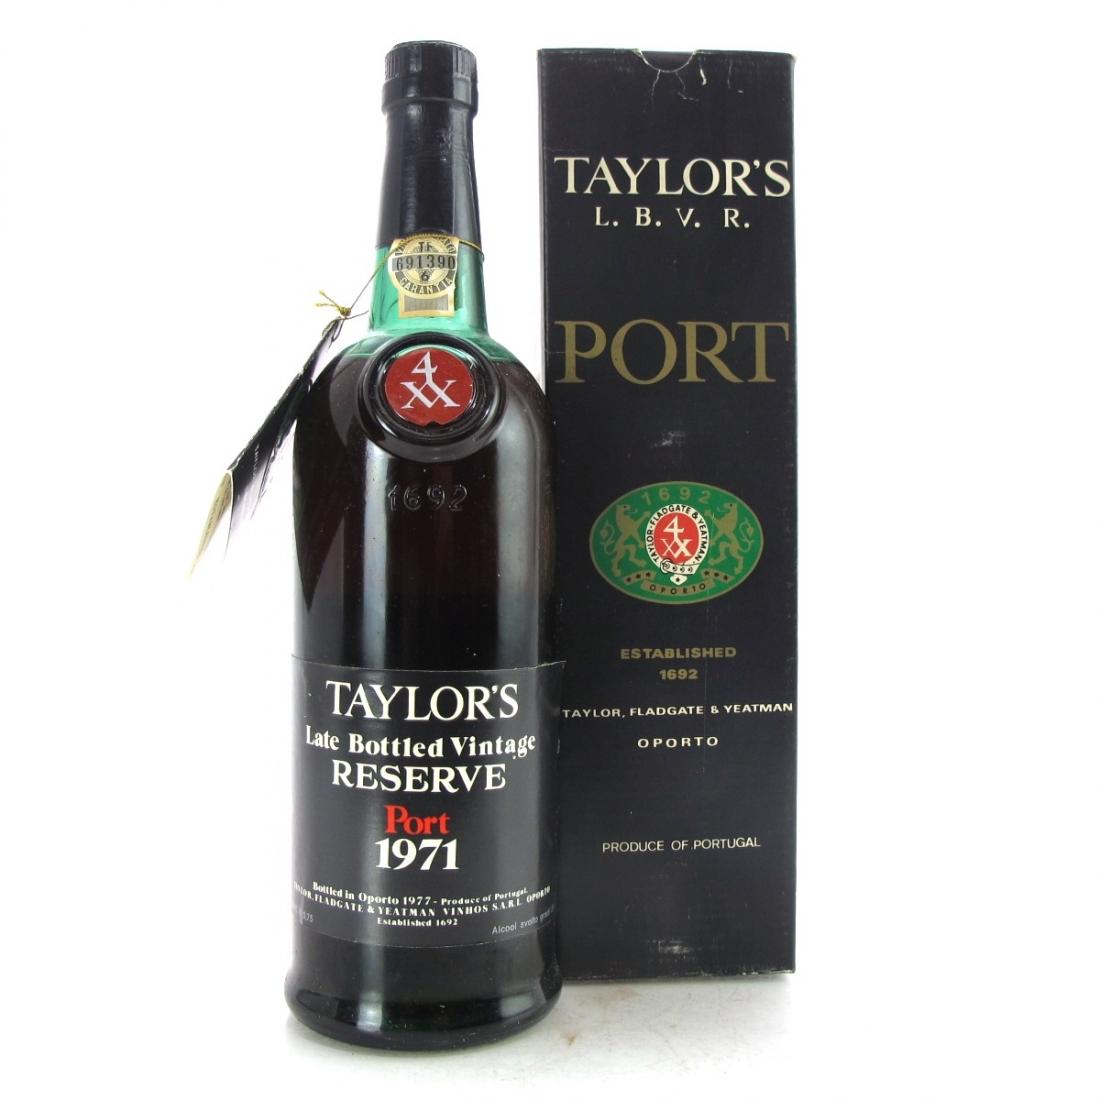 Taylor's 1971 LBV Reserve Port